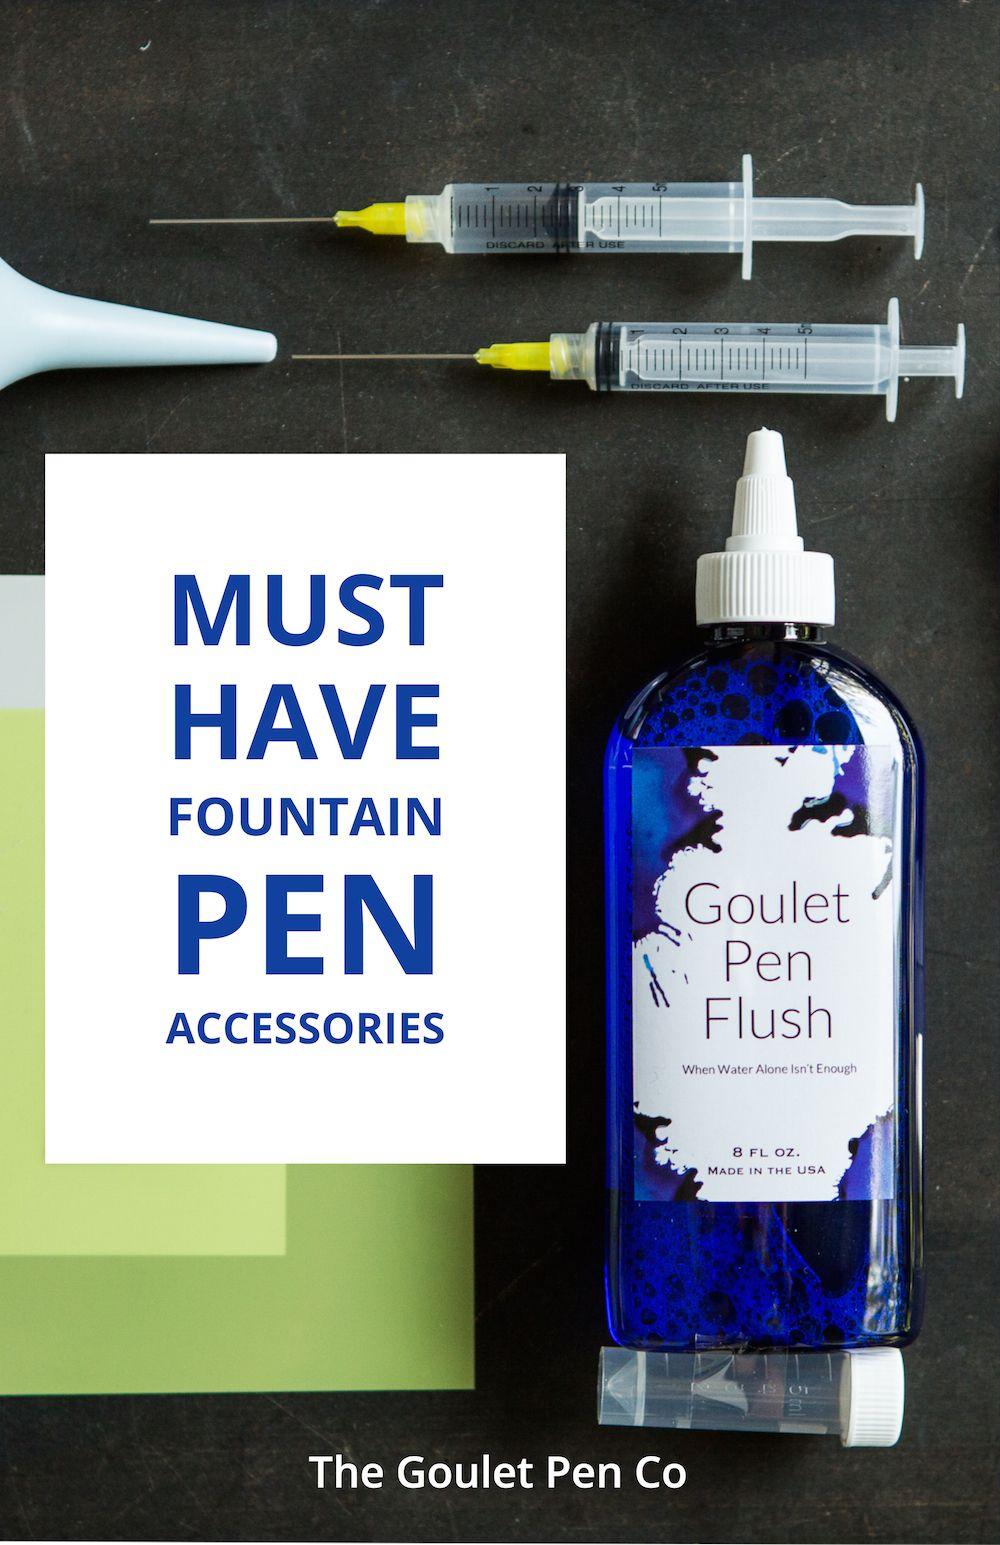 Must Have Fountain Pen Accessories Pen Accessories Goulet Pens Fountain Pen [ 1545 x 1000 Pixel ]